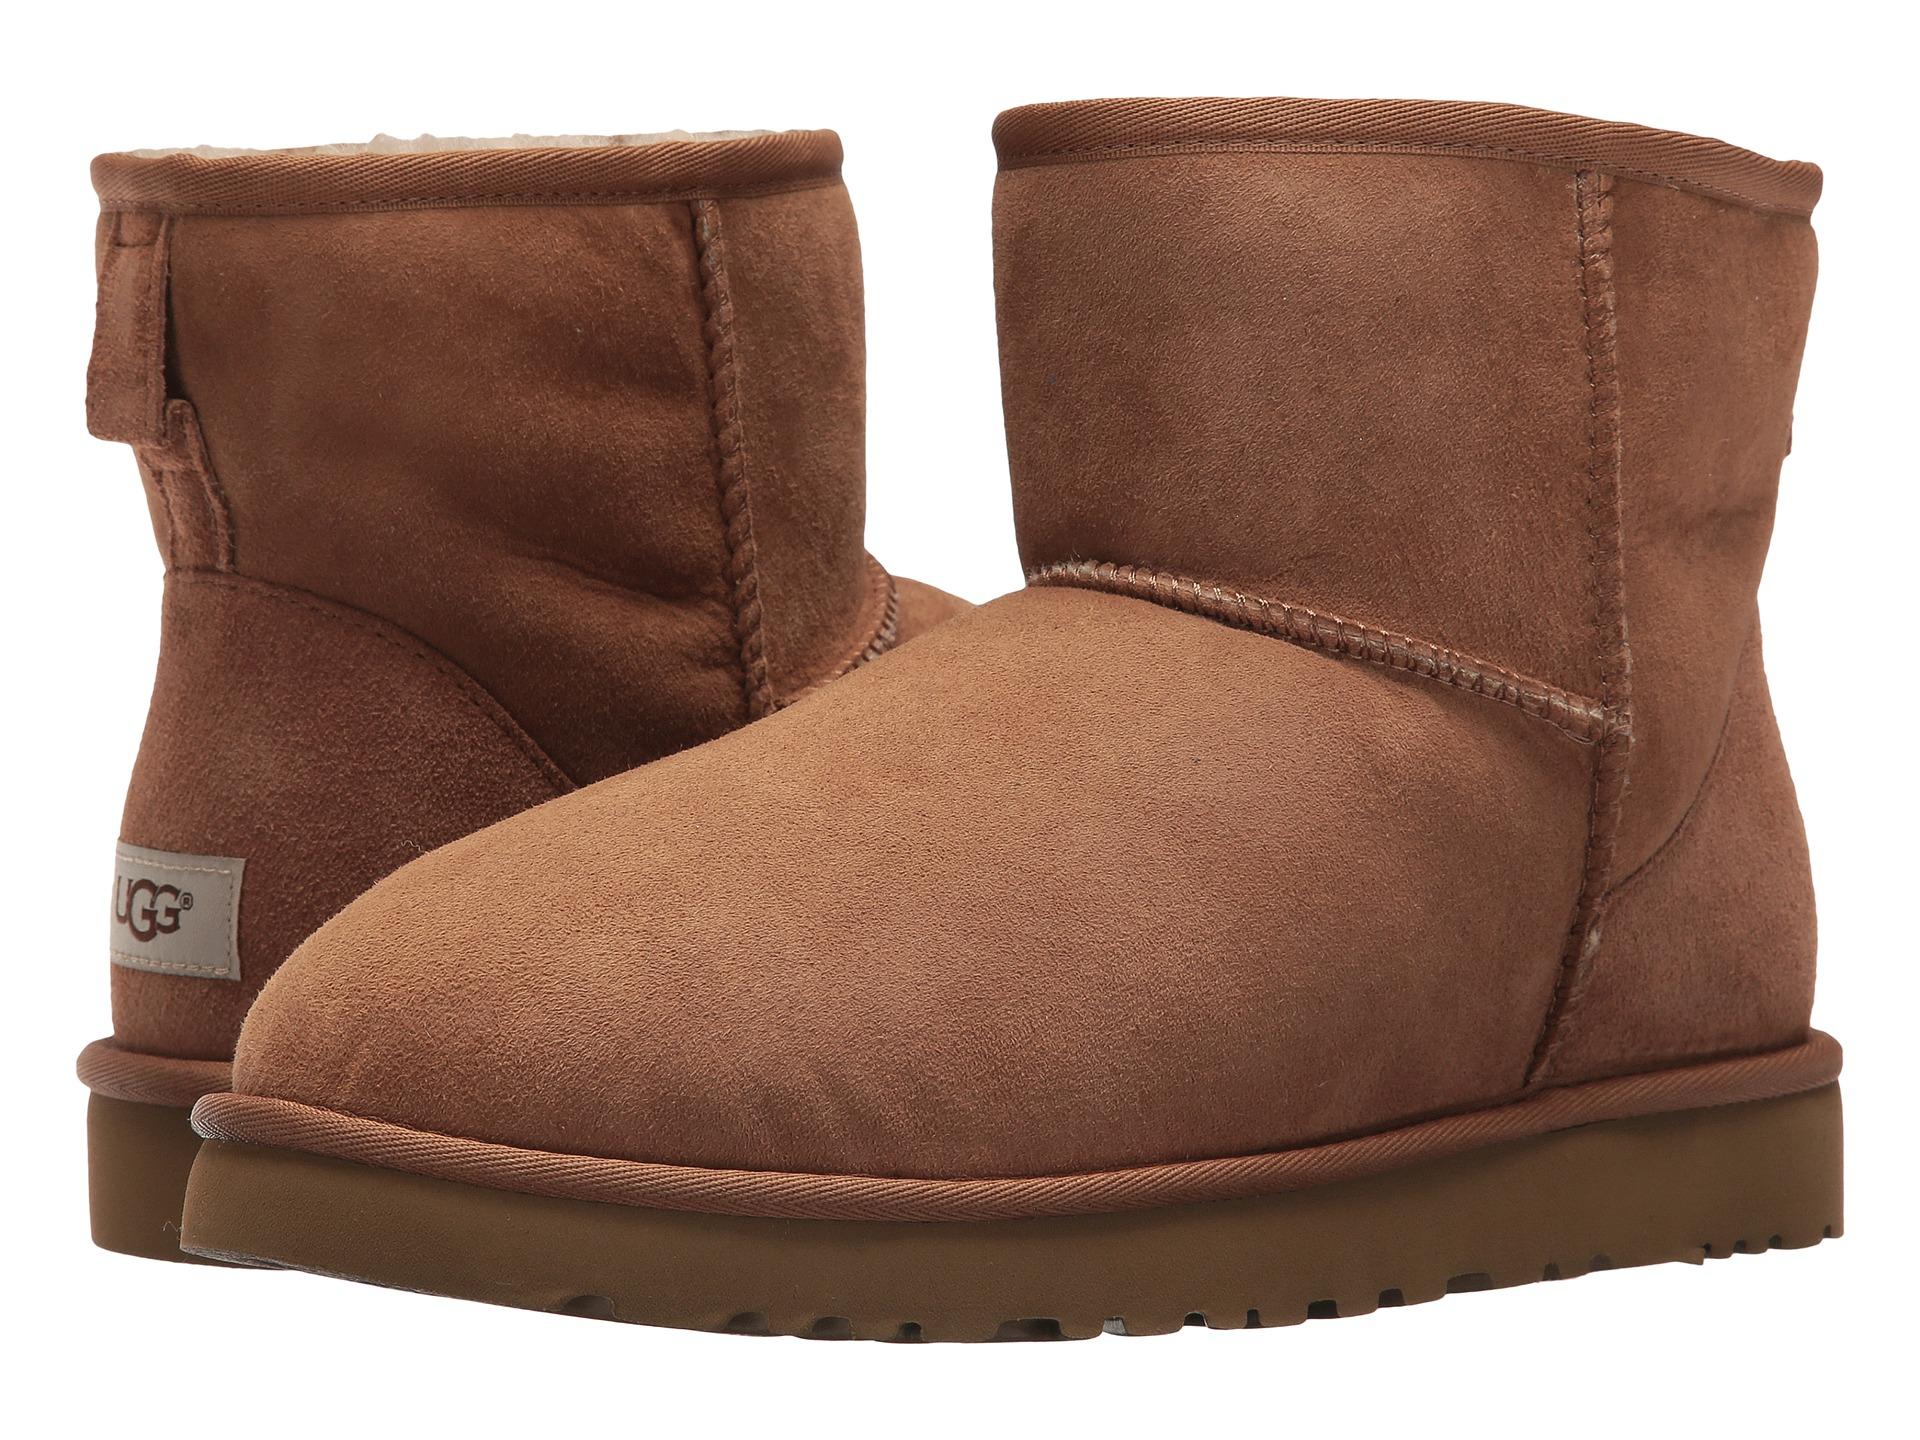 cheap uggs buy ugg boots on sale ugg ultimate short. Black Bedroom Furniture Sets. Home Design Ideas